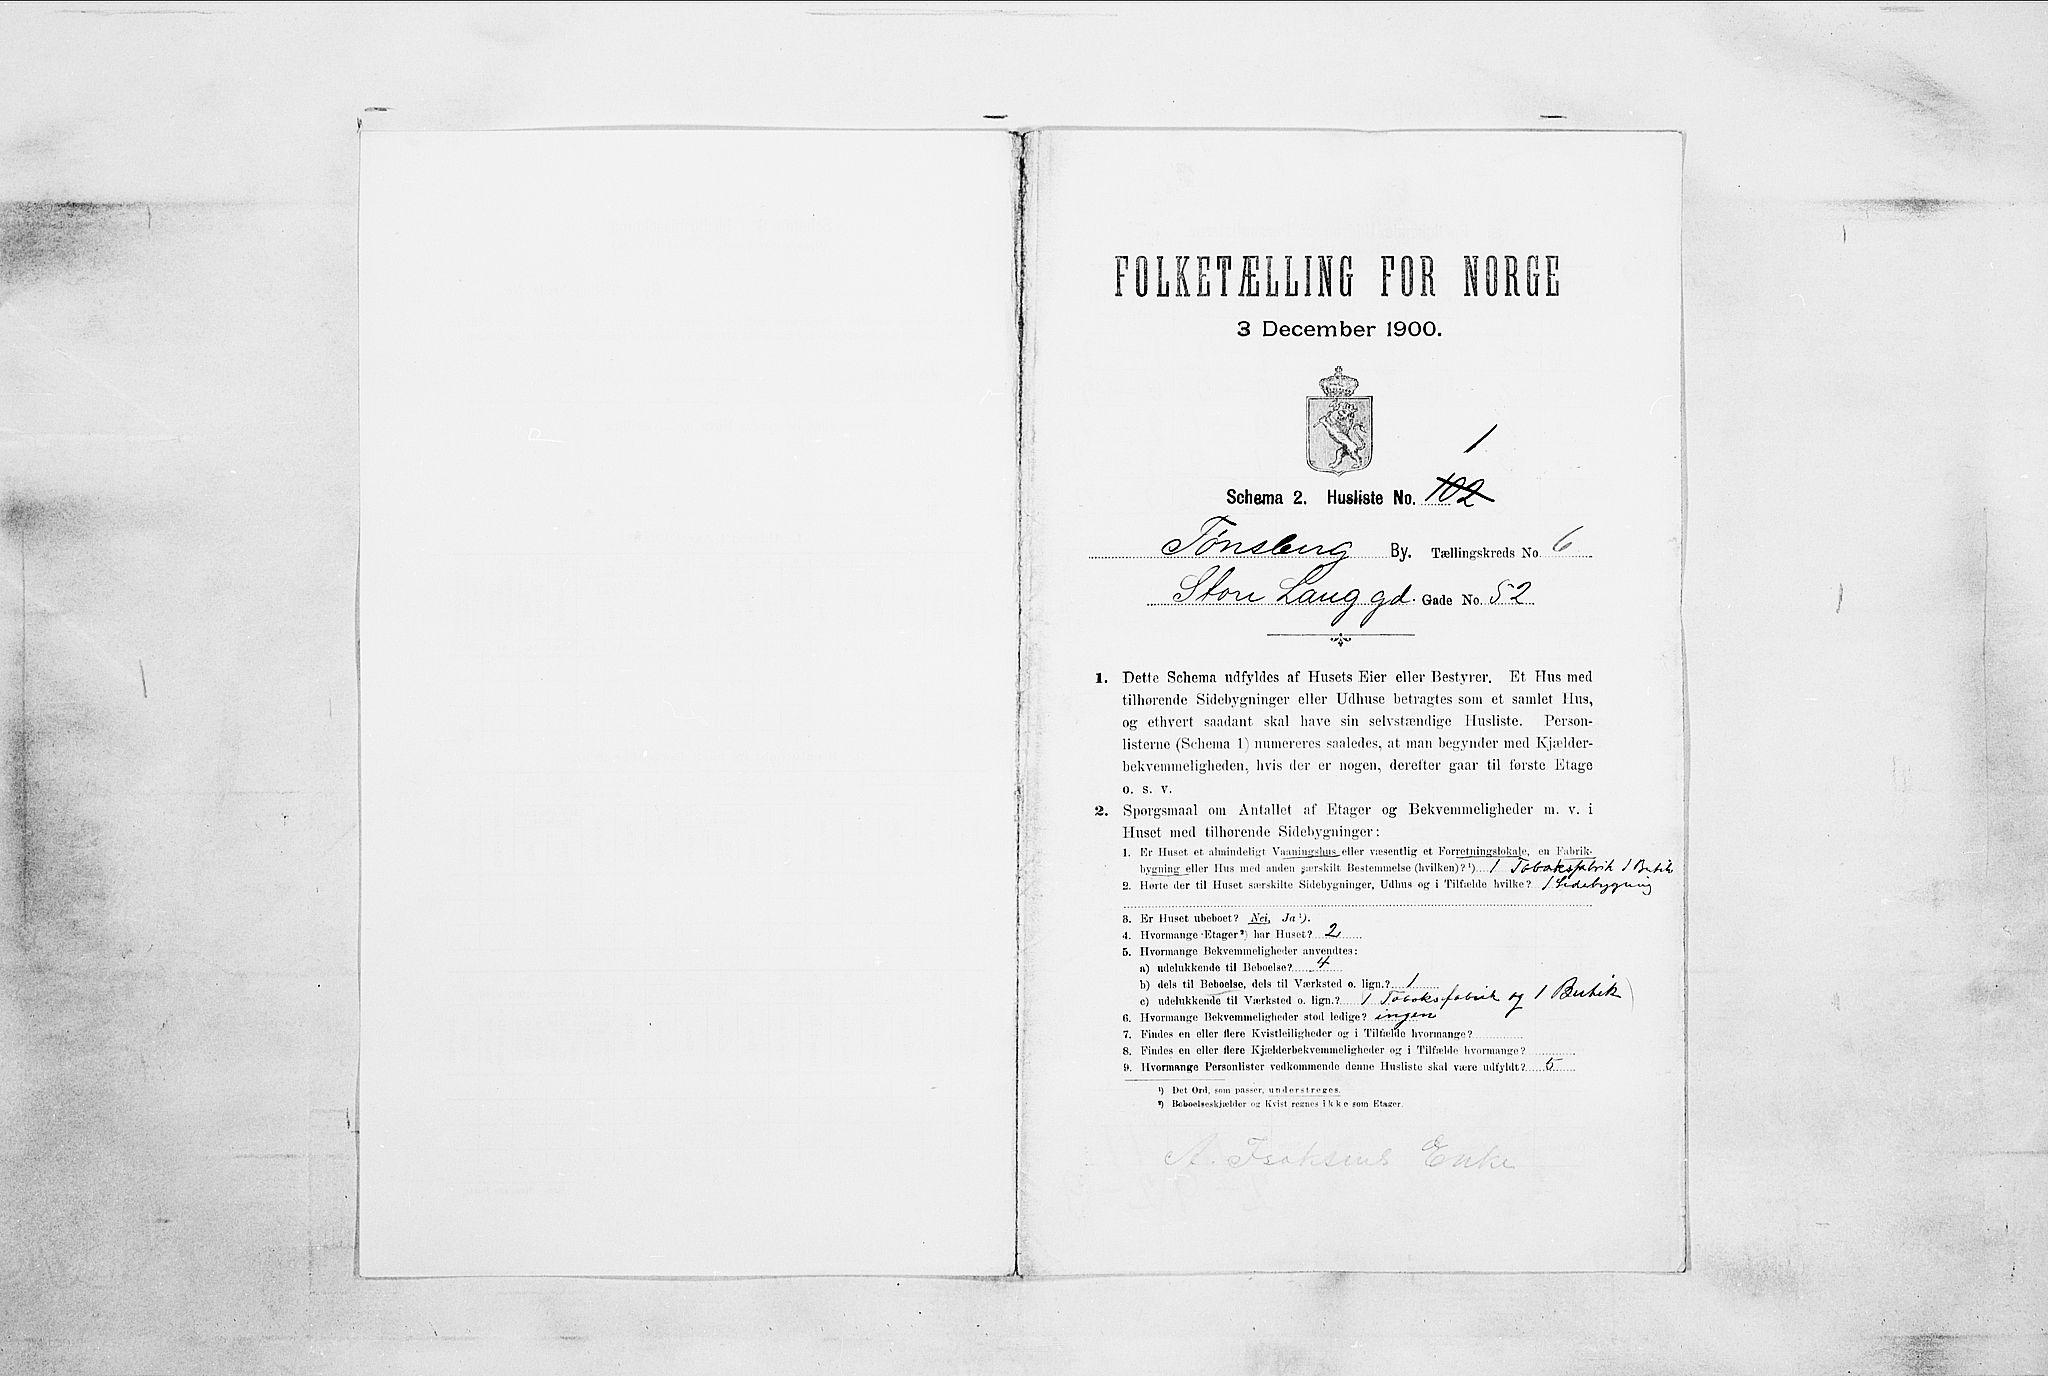 RA, Folketelling 1900 for 0705 Tønsberg kjøpstad, 1900, s. 887